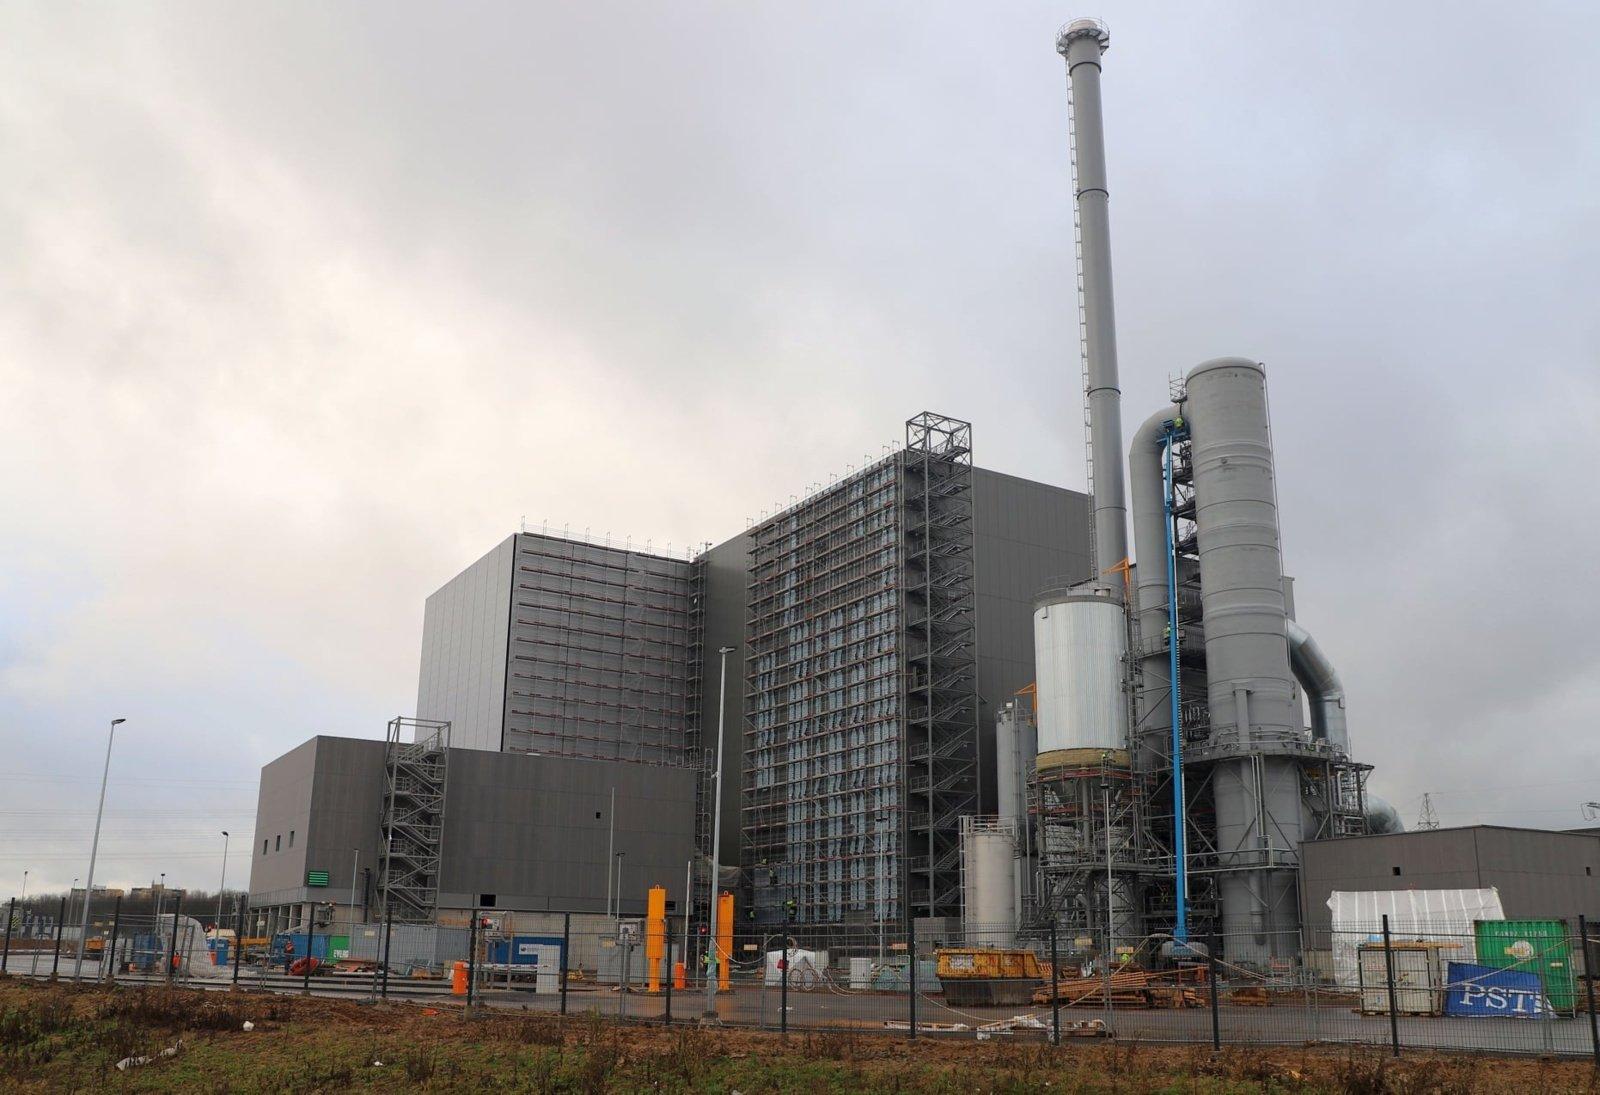 Kauno rajono savivaldybė nepritaria, kad Kauno kogeneracinė jėgainė degintų daugiau atliekų